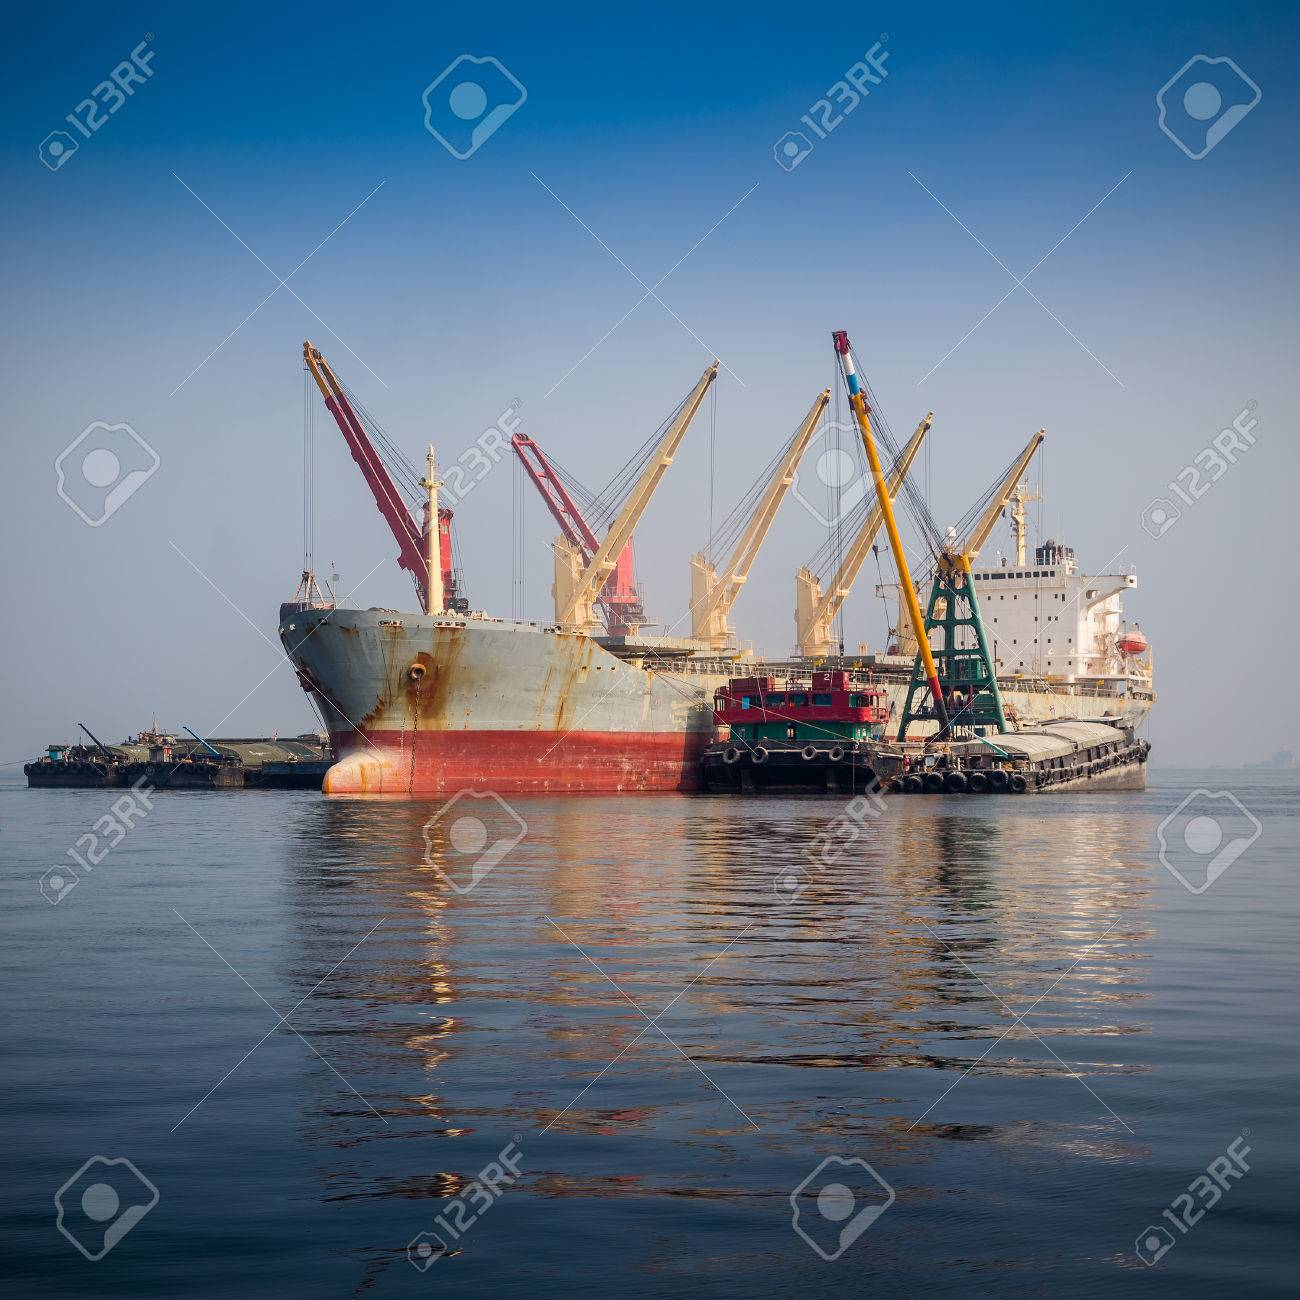 cargo ship sailing in sea - 23158901